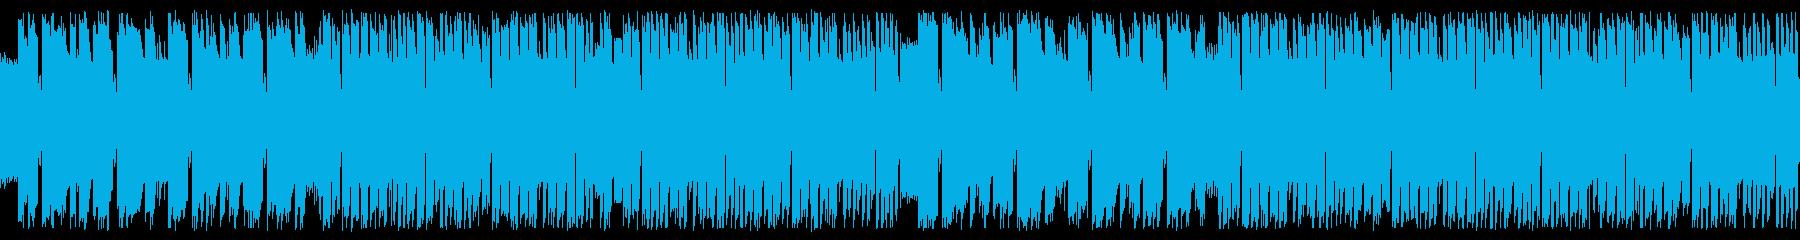 疾走感 チップチューン 8bit ループの再生済みの波形